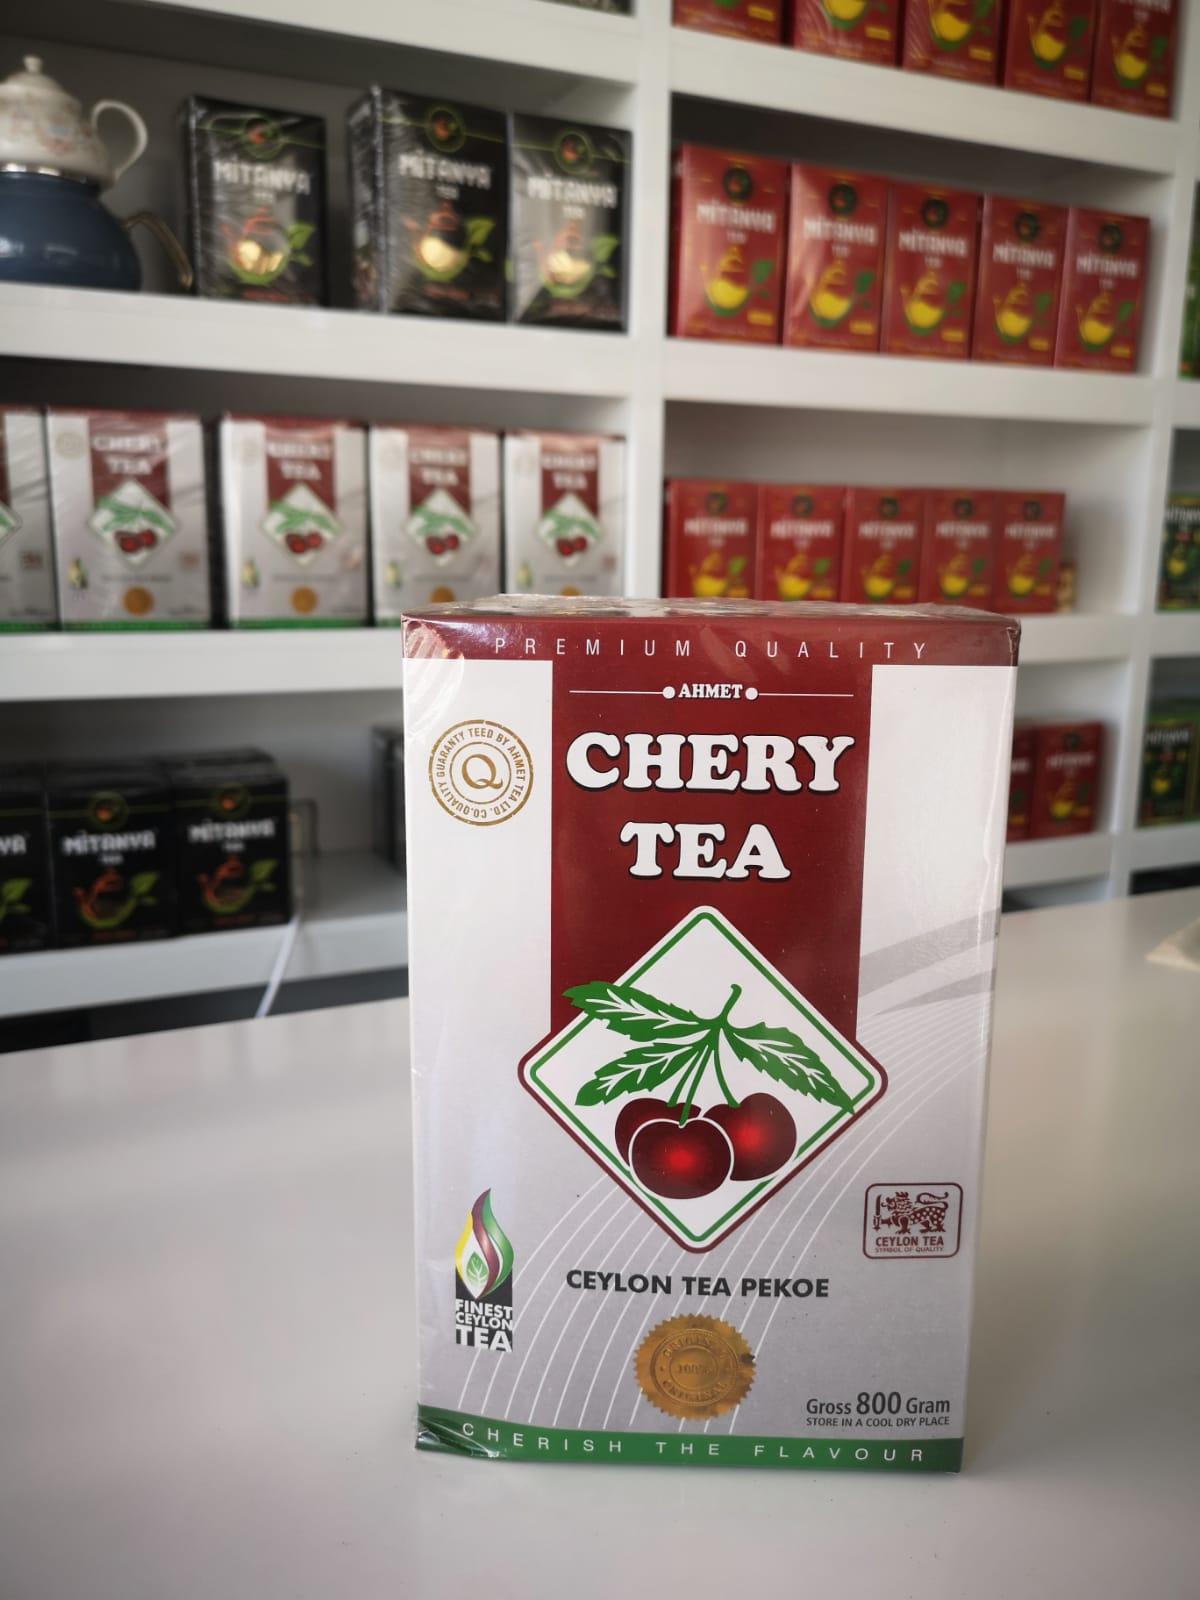 Ahmet Chery Tea Ceylon Tea Pekoe 400gr